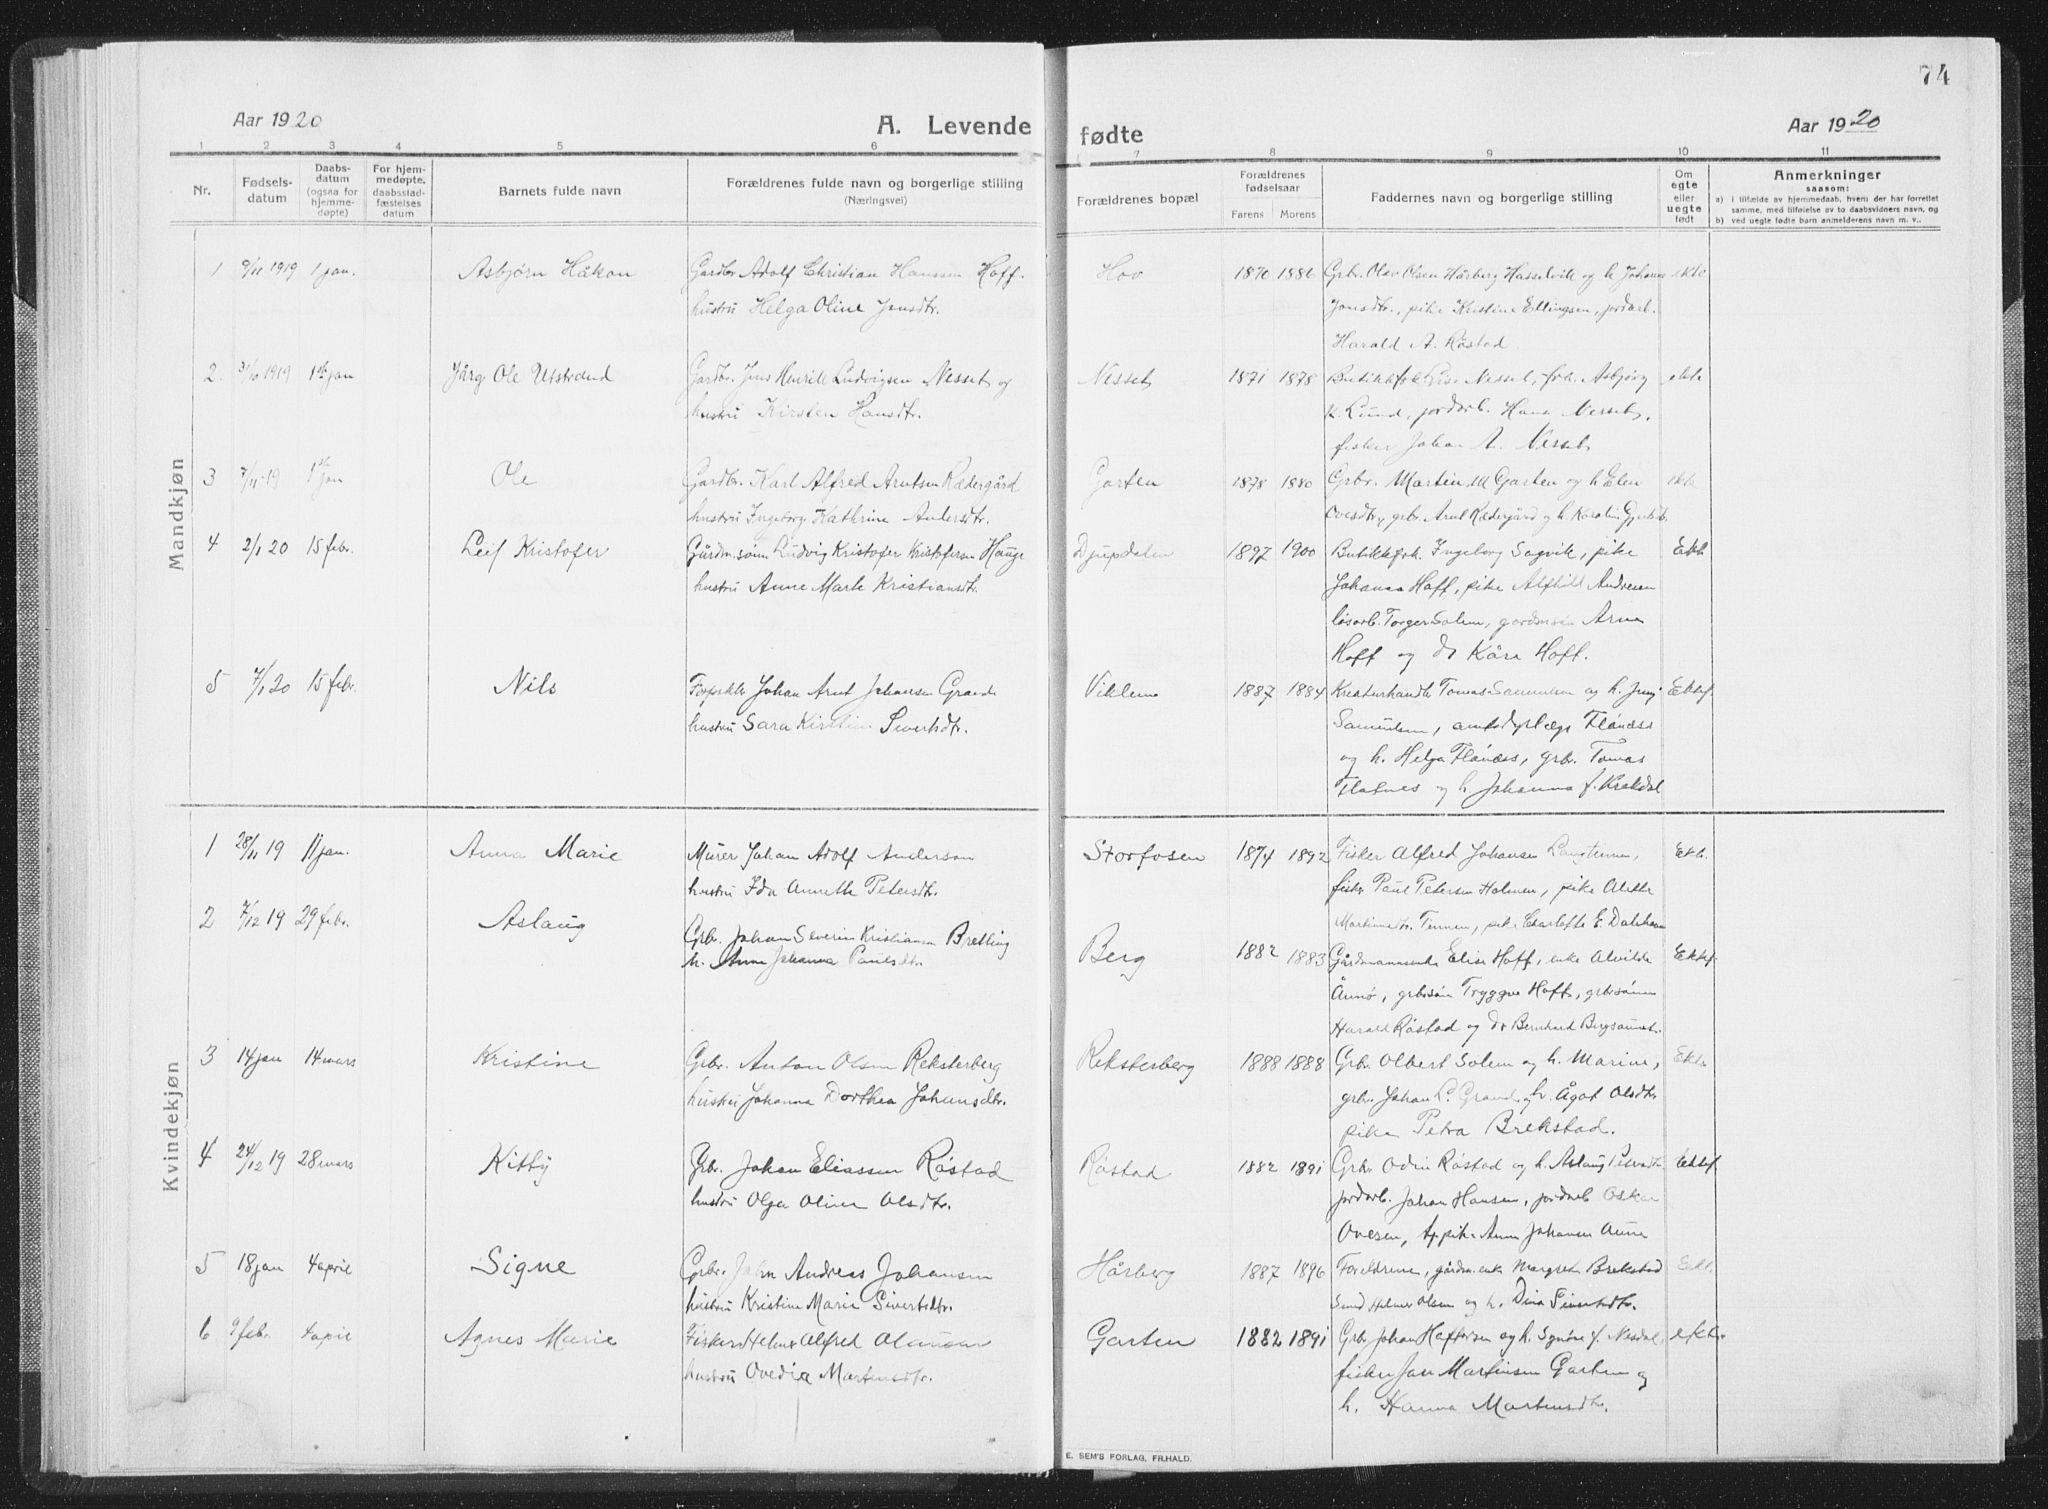 SAT, Ministerialprotokoller, klokkerbøker og fødselsregistre - Sør-Trøndelag, 659/L0747: Klokkerbok nr. 659C04, 1913-1938, s. 74